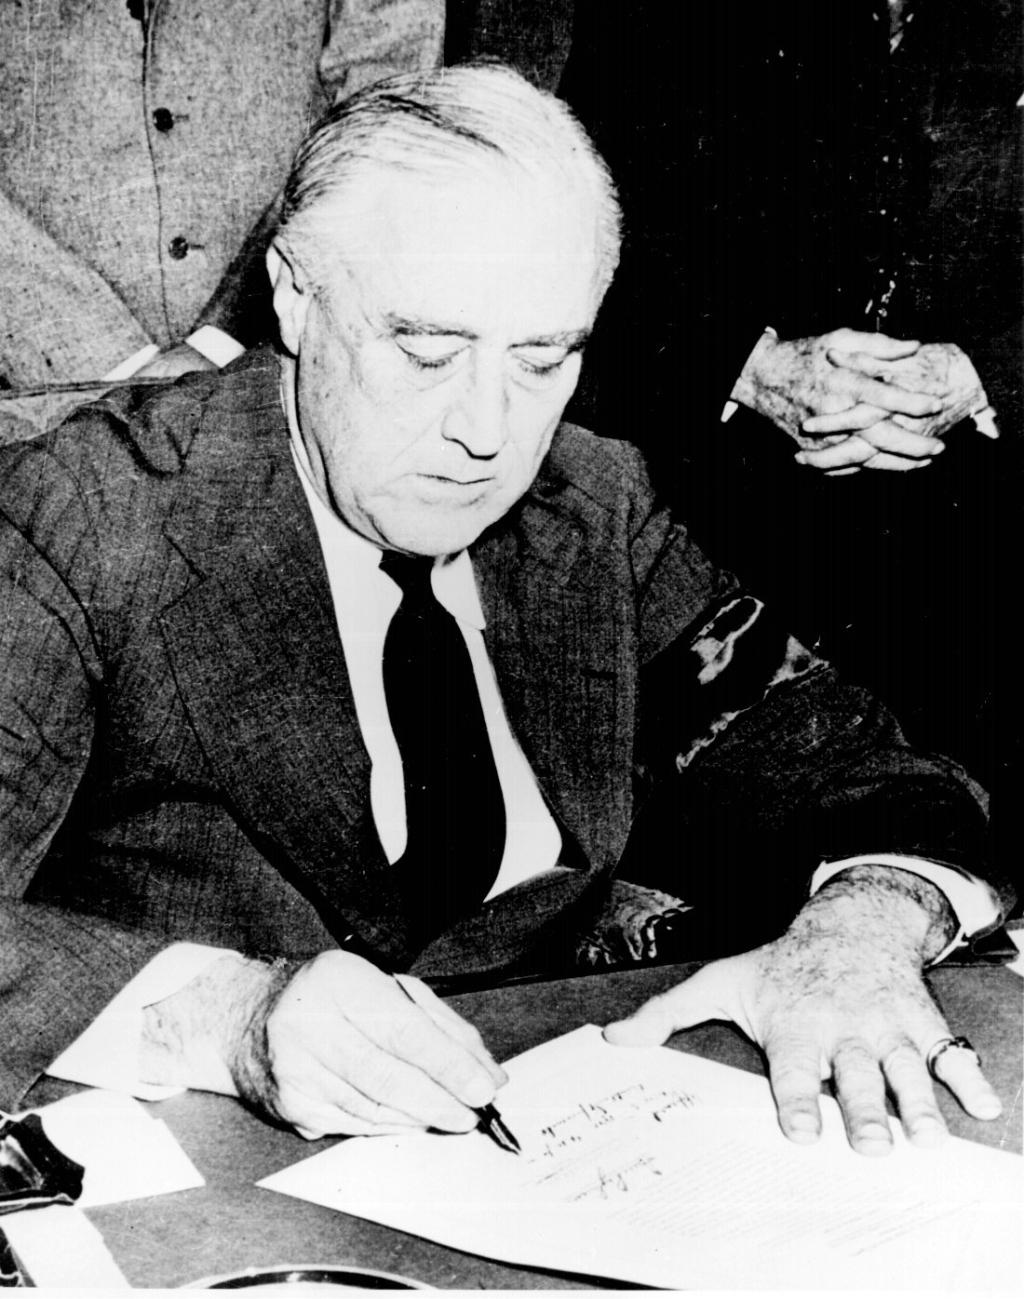 President Franklin D. Roosevelt signing the Declaration of War against Japan, December 8, 1941. By Marion Doss.